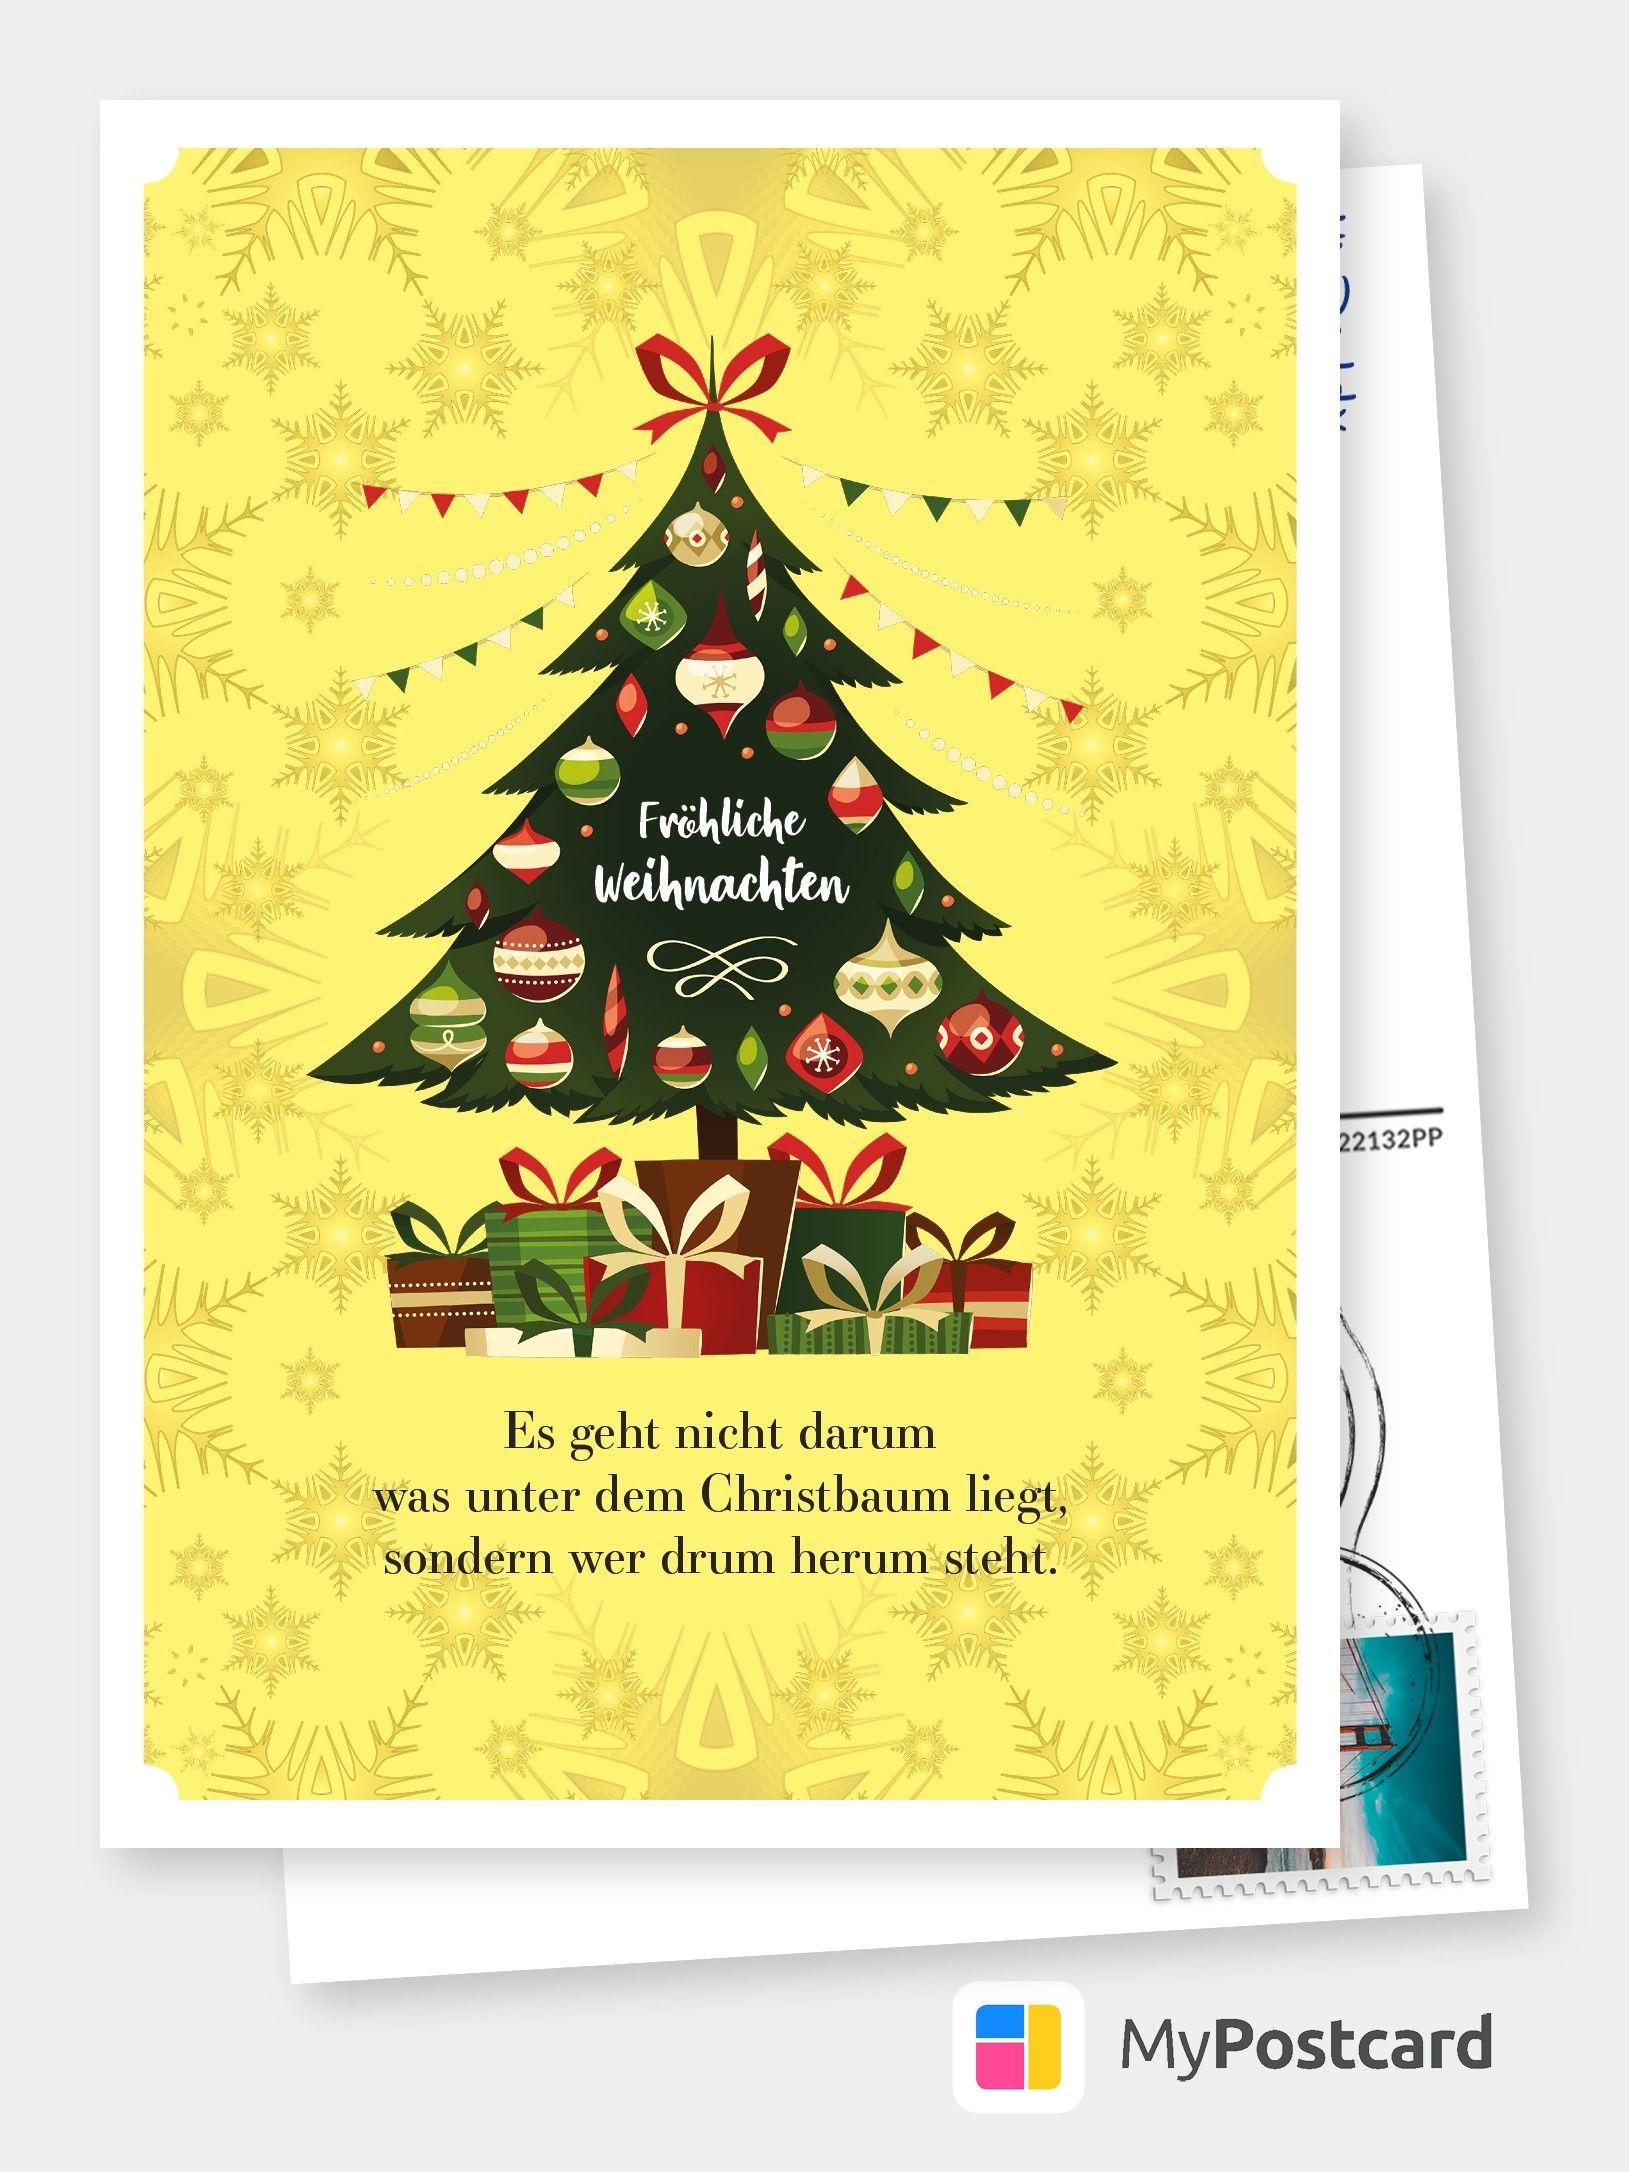 Weihnachtskarten mit MyPostcard verschicken! Weihnachtskarten Spruch | Weihnachtskarten mit Foto | Weihnachten Karten | Weihnachten Postkarte | Weihnachten Postkarte DIY | Weihnachten Grüße | Weihnachten Grußkarte | Weihnachten Geschenke | Frohe Weihnachtswünsche | Frohe Weihnachtsgrüße | Frohe Weihnachtsbilder |Frohe Weihnachtenkarte | Christmas Karte | Heiligabend Sprüche #Weihnachten #Christmas #Weihnachtszeit #Weihnachtsfest #Grüße #Postkarte